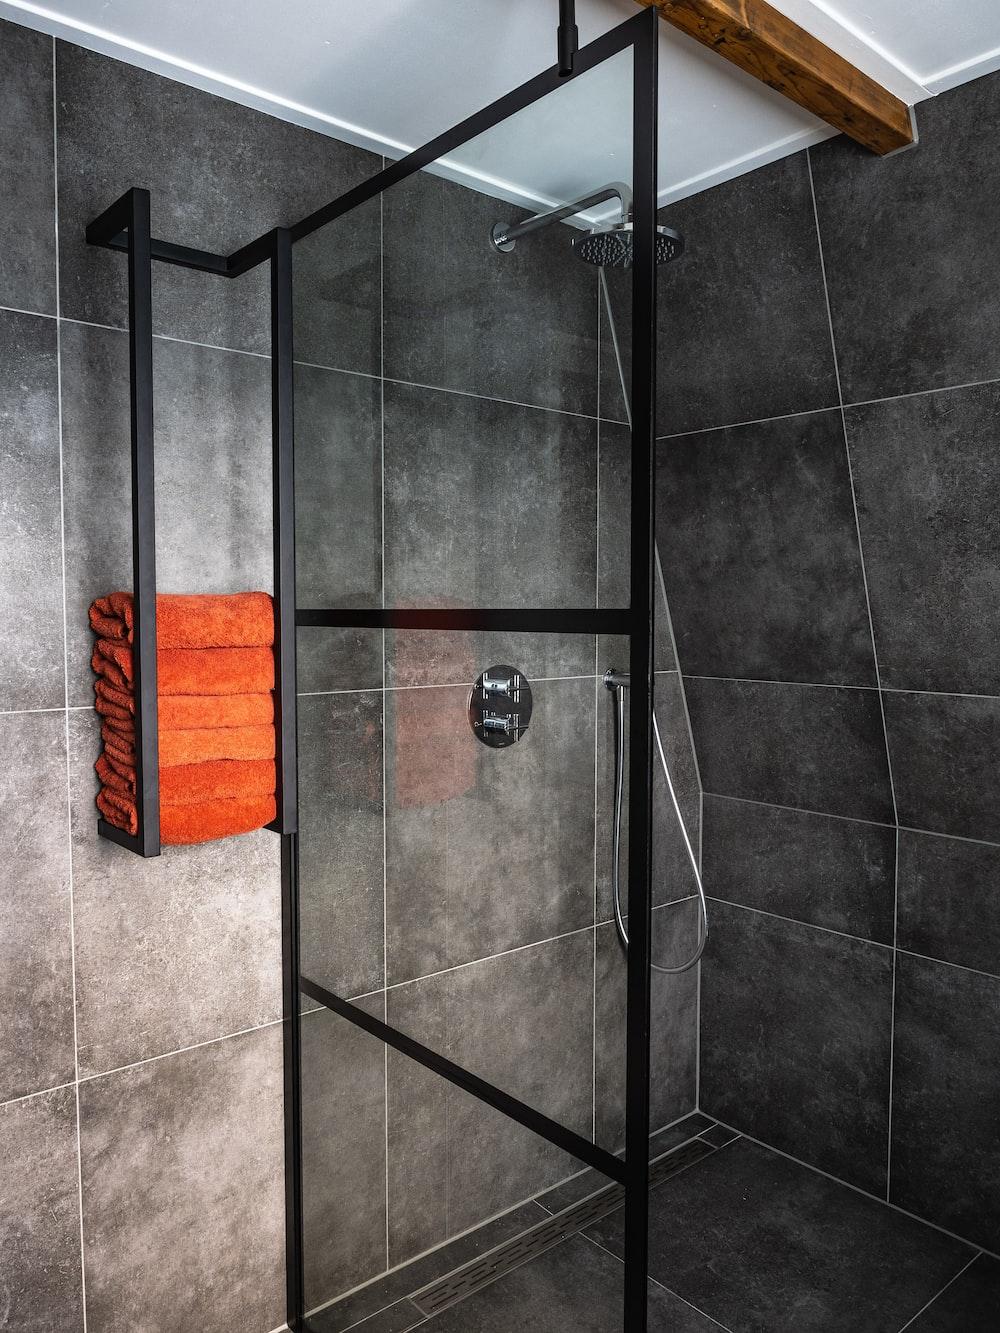 stainless steel framed shower stall